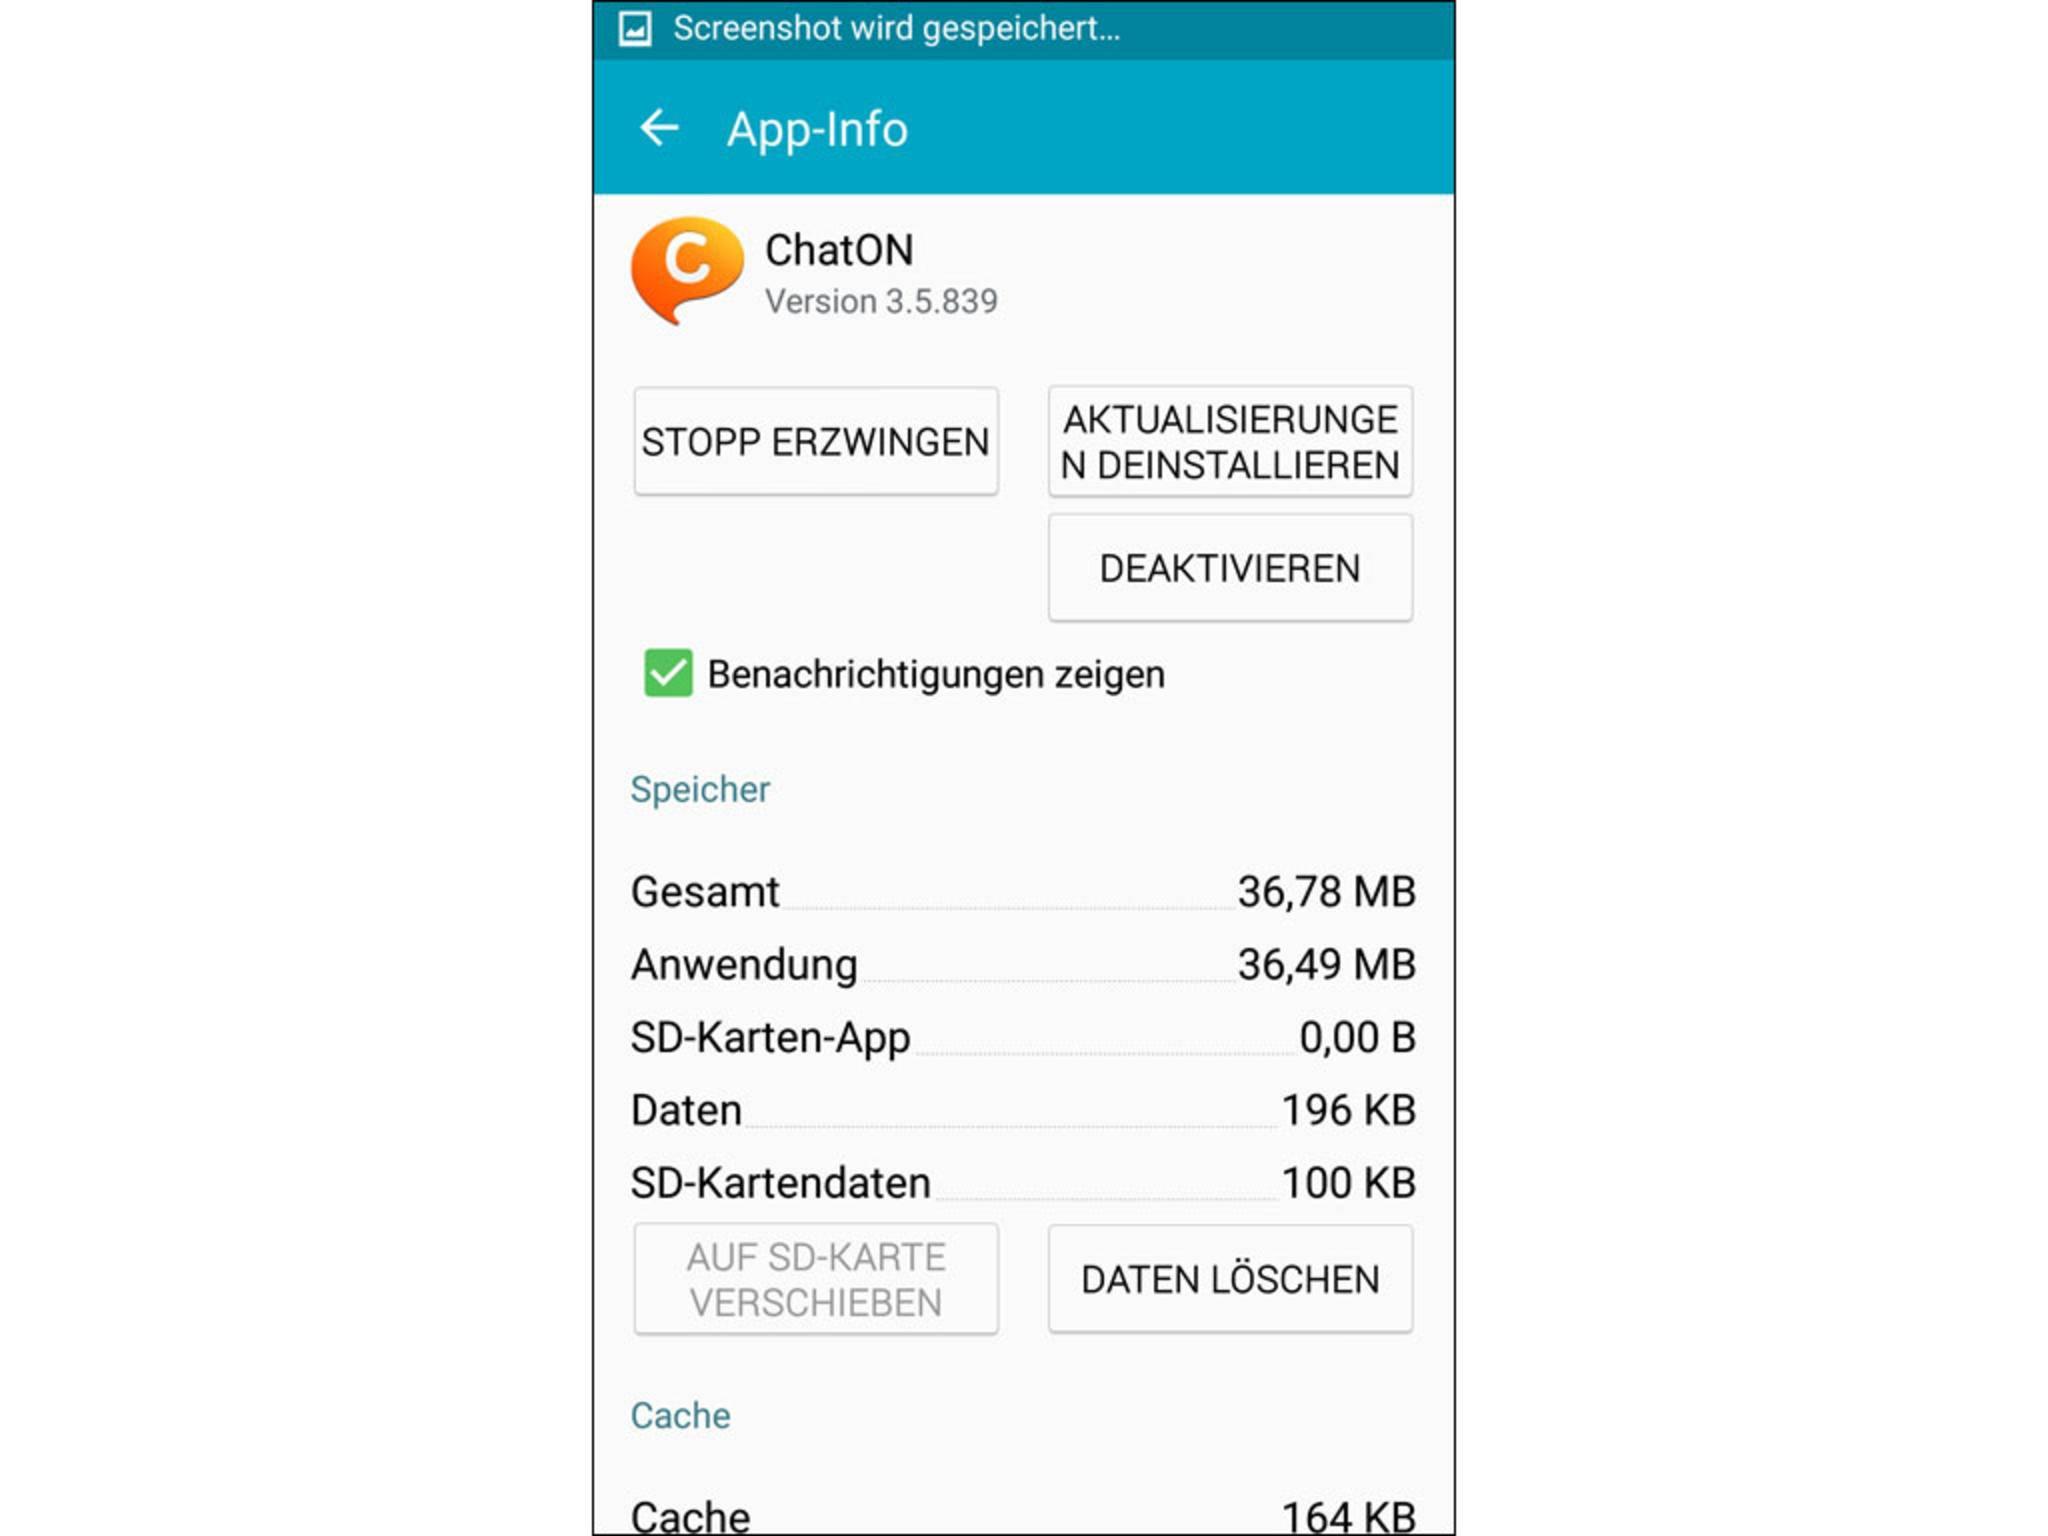 """Der Messenger ChatON von Samsung ist typische Bloatware. Man tippt hier auf  die Schaltfläche """"Deaktivieren""""."""